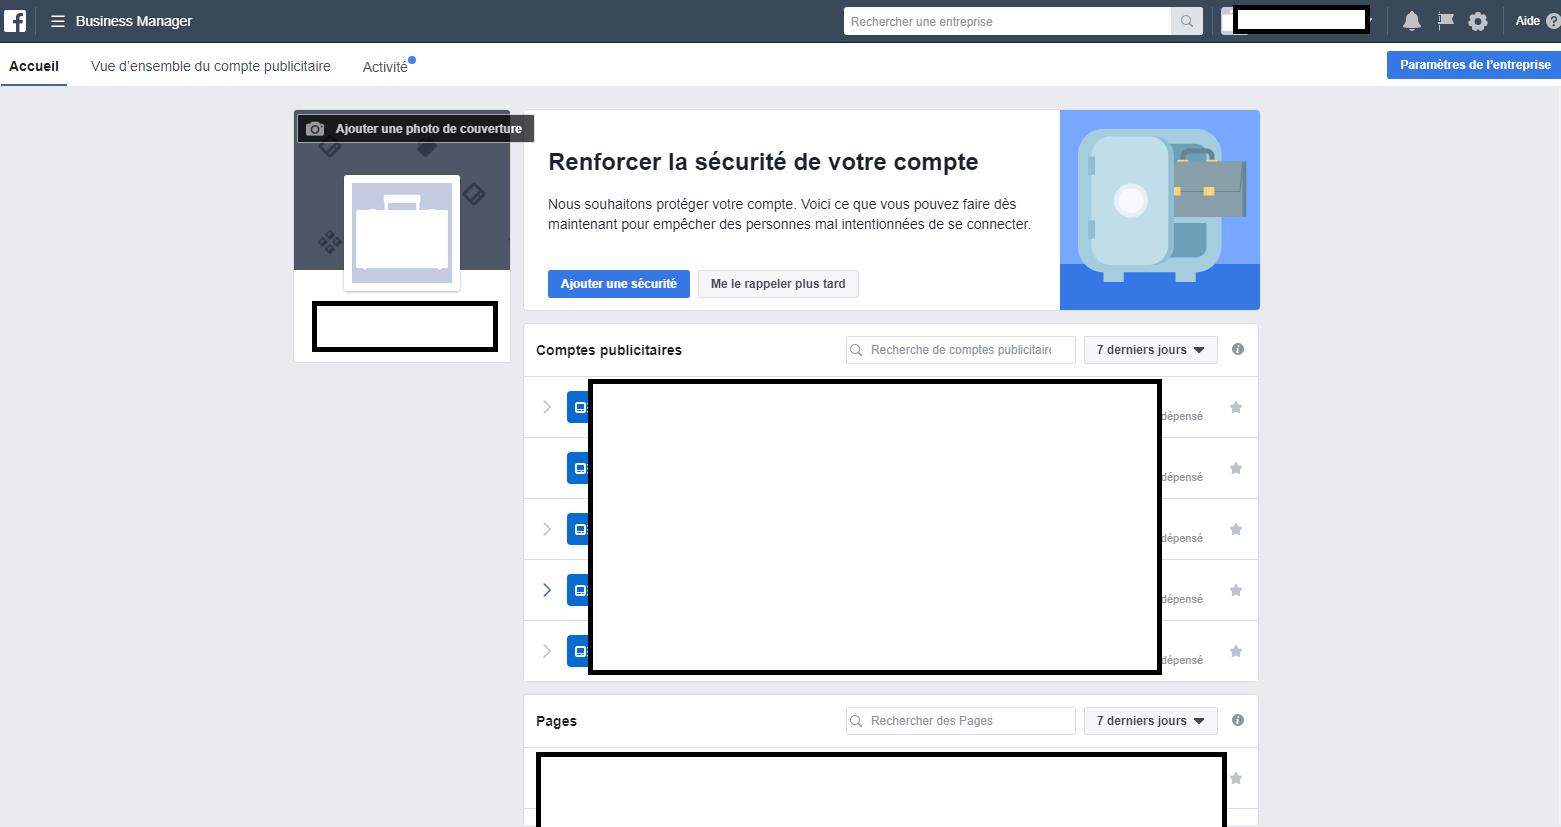 Vendre plus grâce à cette méthode de retargeting facebook + offre irrésistible : application pour booster ses ventes en e-commerce dropshipping shopify